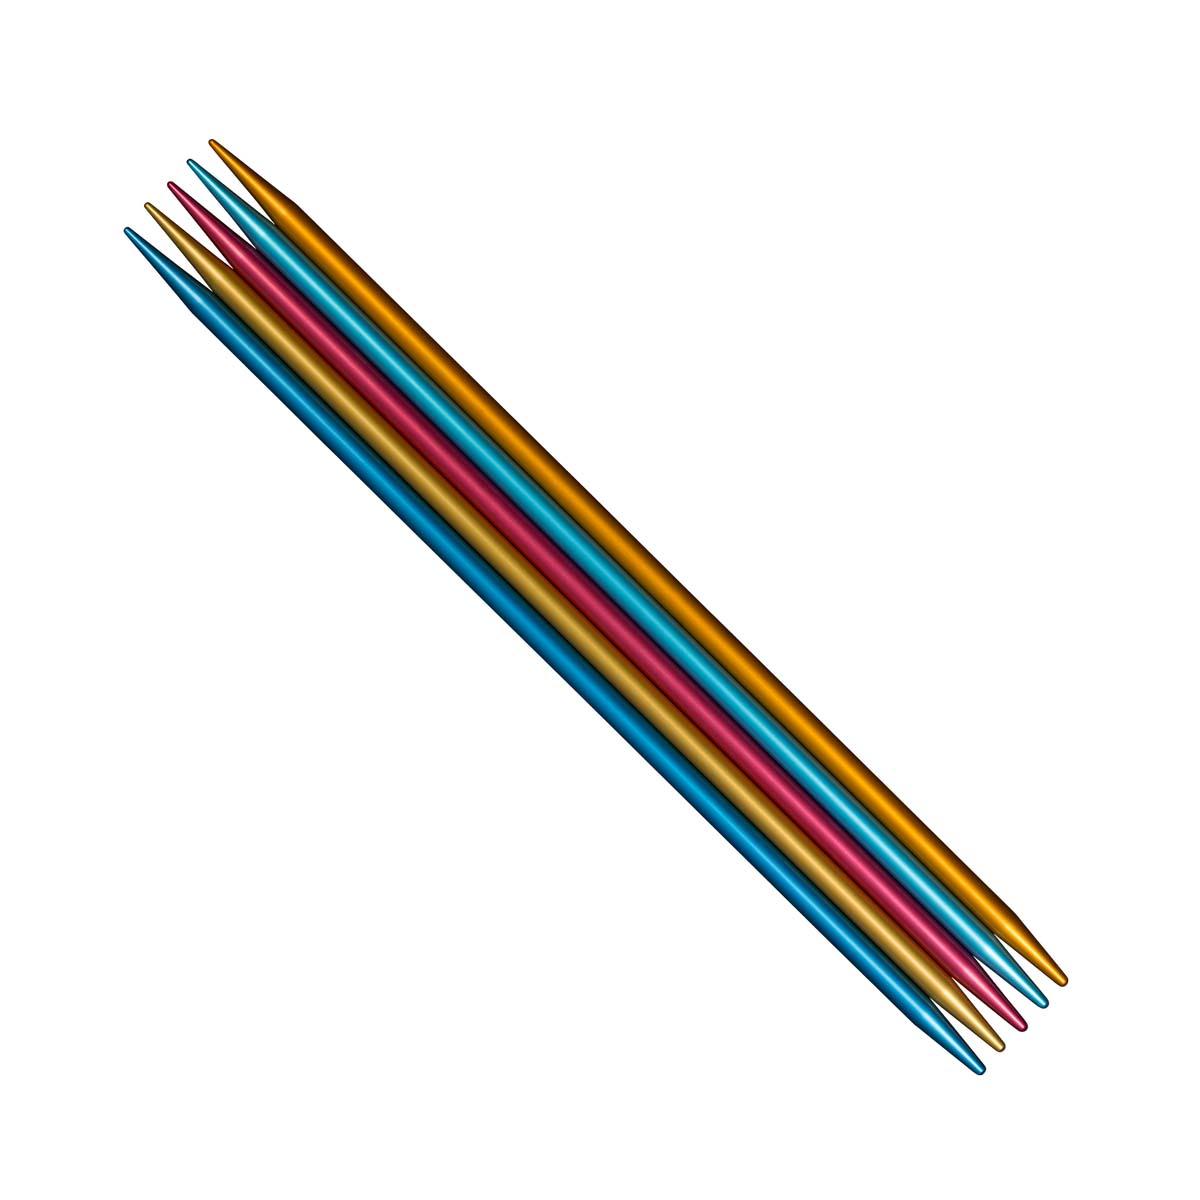 ADDI Спицы, чулочные, сверхлегкие Colibri, №2.25, 20 см, 5 шт204-7/2.25-20Спицы Colibris имеют отличительный цвет и структуру. За счет полого и легкого материала руки при вязании практически не устают, что особенно важно при вязании спицами толстых размеров. Внешняя поверхность спиц особенно гладкая, а ощущения от вязания самые комфортные, так как материал быстро принимает тепло рук. Полное отсутствие соединений, либо каких-то плохо обработанных кончиков, как на пластике. Каждая спица блестит за счет своей анодированной пестрой поверхности, что особенно нравится молодой аудитории. Яркий цвет часто является козырем, как и в пряже для ручного вязания. Защищенная патентом технология чулочной спицы имеет неоспоримое преимущество. Потребитель приобретает продукт, у которого две различные функции, так как это две спицы с коротким и длинным кончиком одновременно. Комплекты толщиной от 5,5 мм имеют 23 см длинны вместо 20 см, что является неоспоримым преимуществом при работе с более толстой пряжей, которая обычно занимает много места на спице.